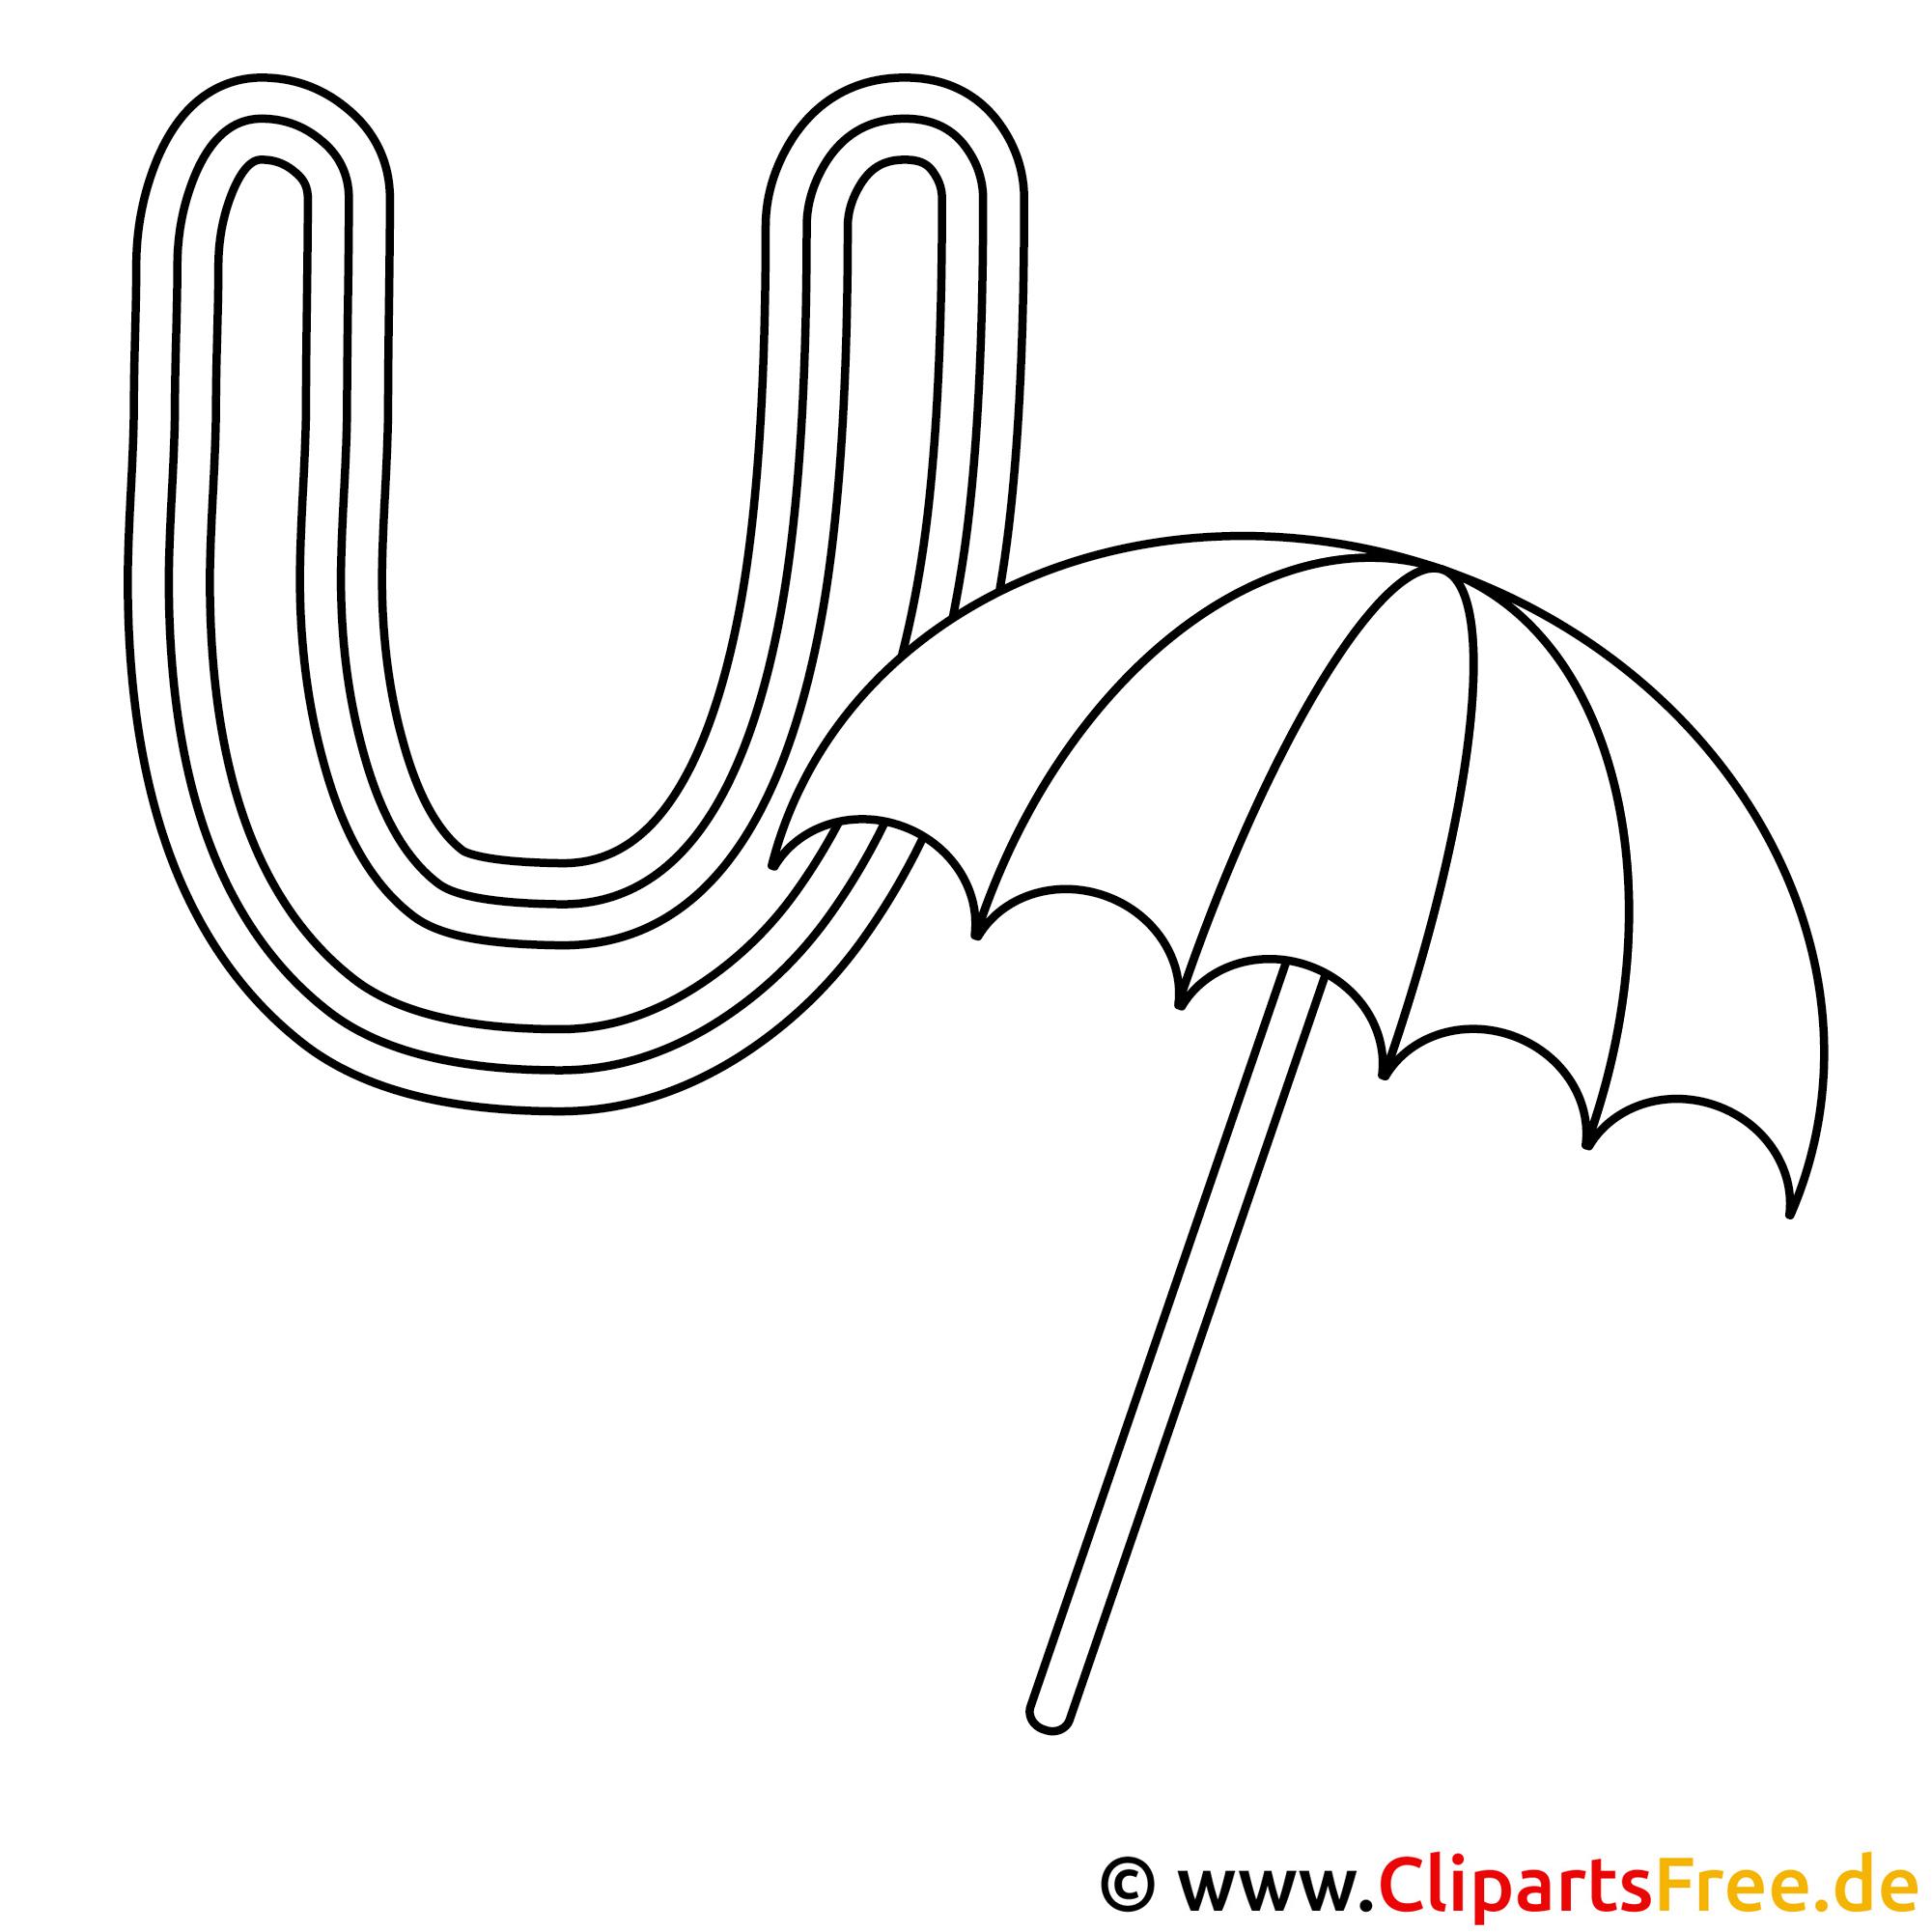 Umbrella - Buchstabe zum Ausdrucken